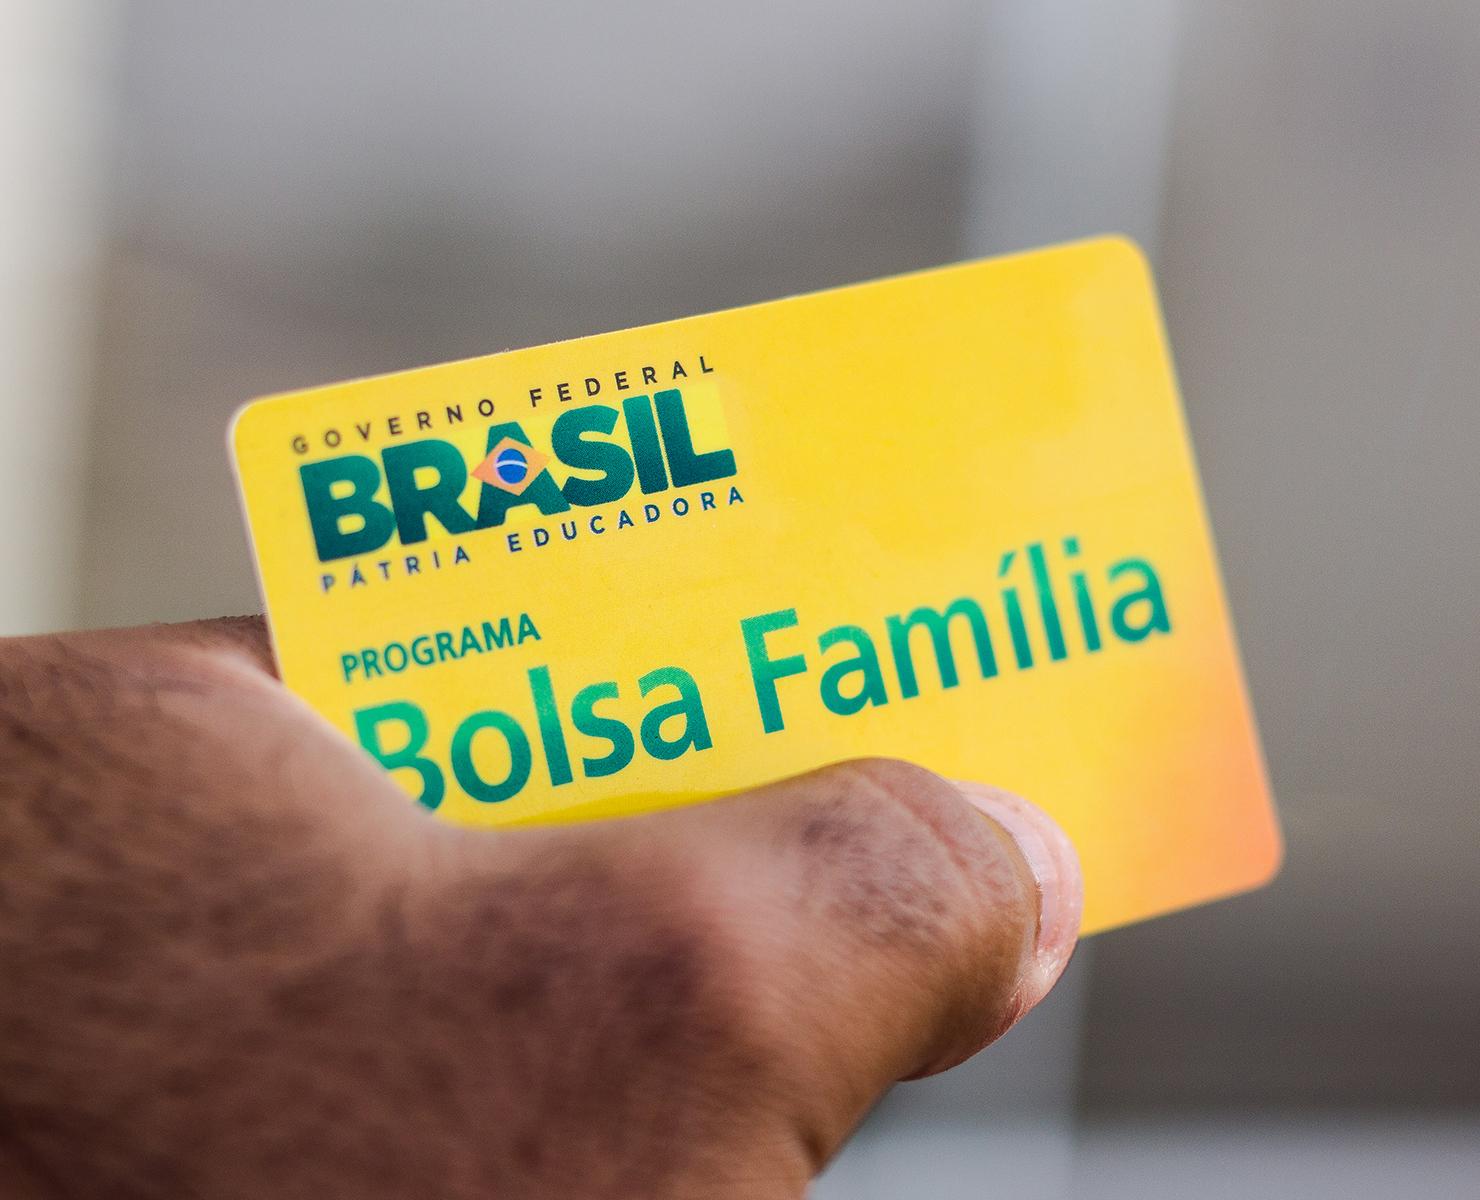 AUXÍLIO EMERGENCIAL: BENEFICIÁRIOS DO BOLSA FAMÍLIA COM NIS DE FINAL 4 RECEBEM NESTA TERÇA